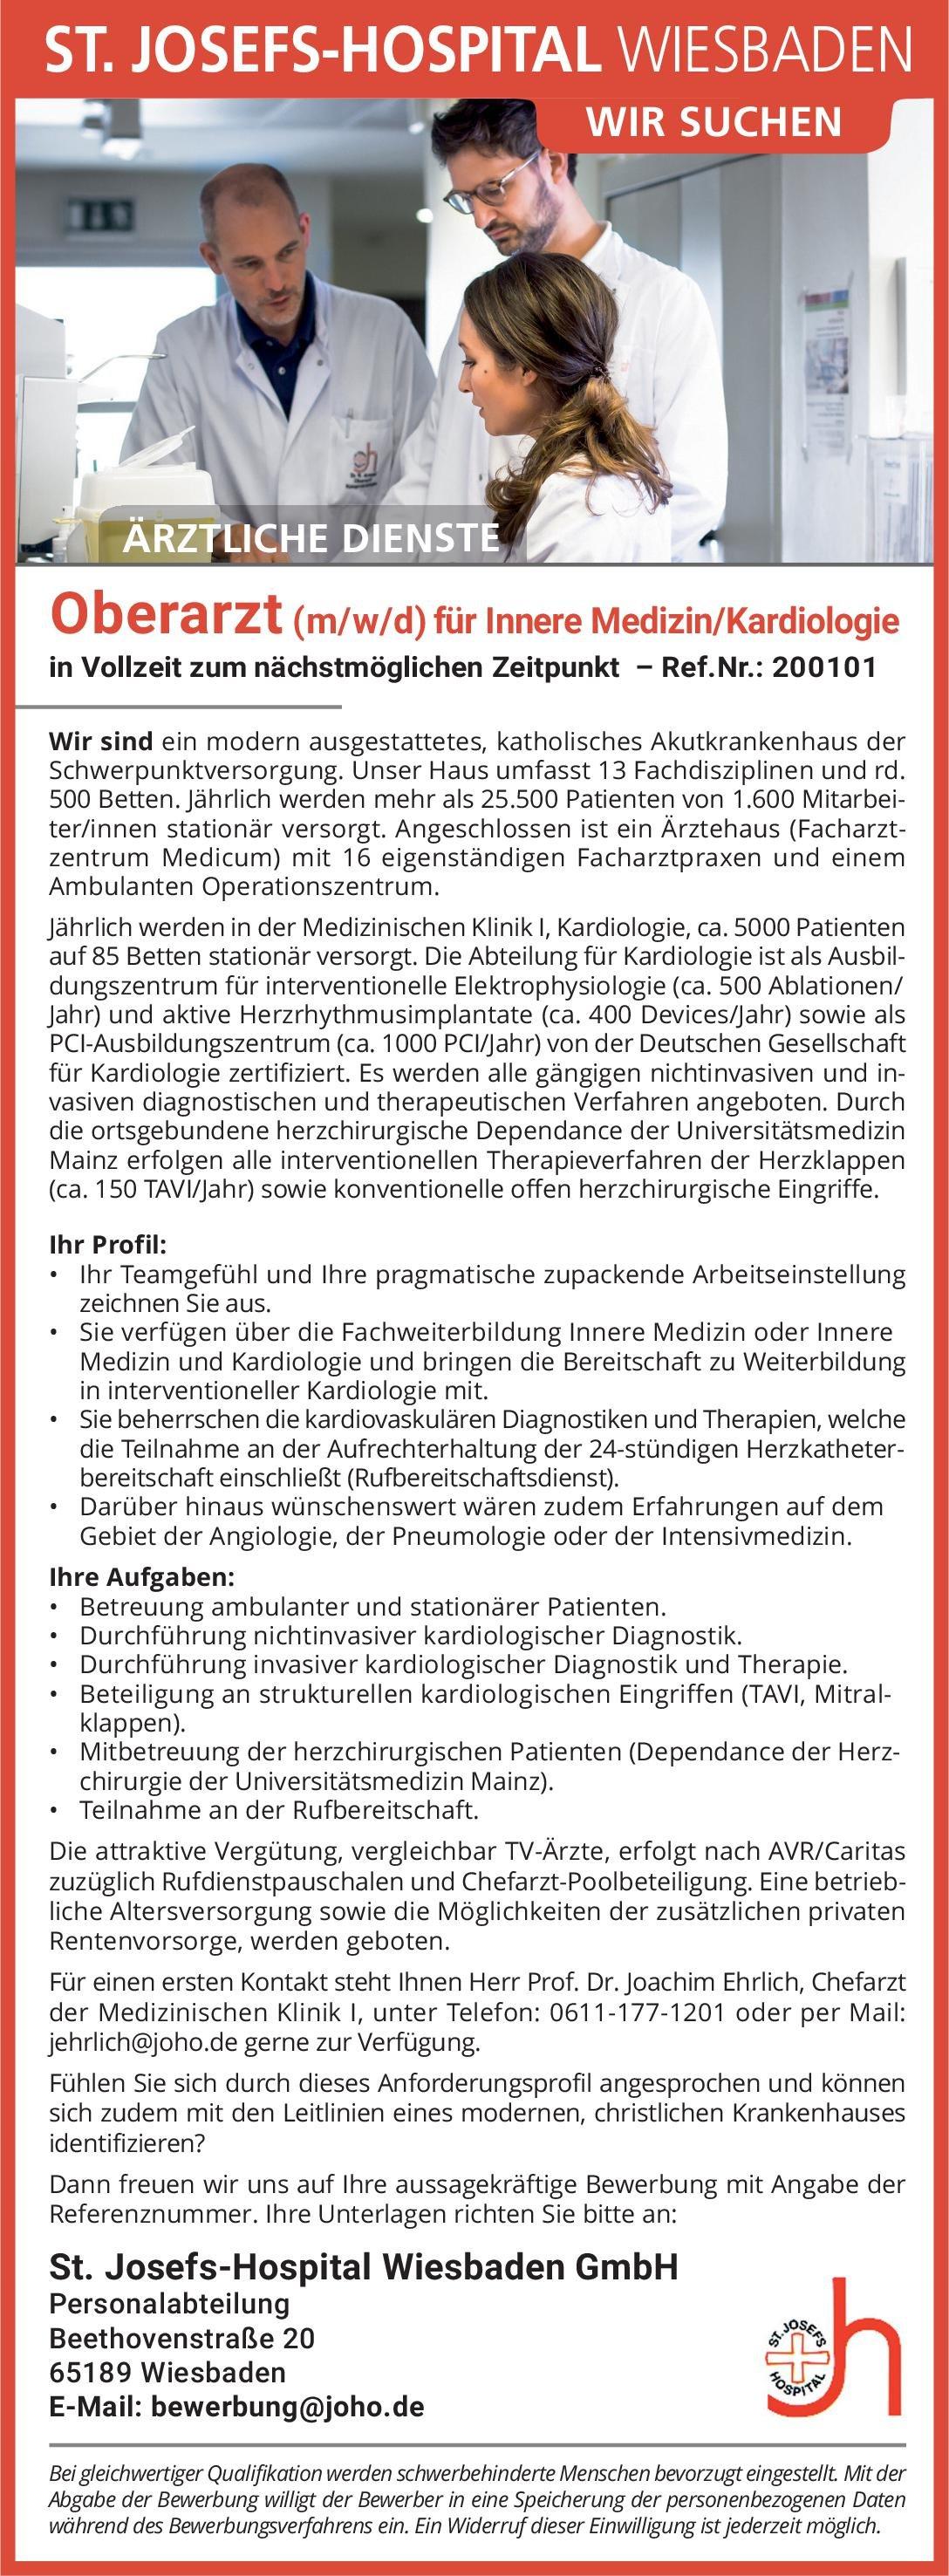 St. Josefs-Hospital Wiesbaden GmbH Oberarzt (m/w/d) für Innere Medizin/Kardiologie  Innere Medizin und Kardiologie, Innere Medizin Oberarzt